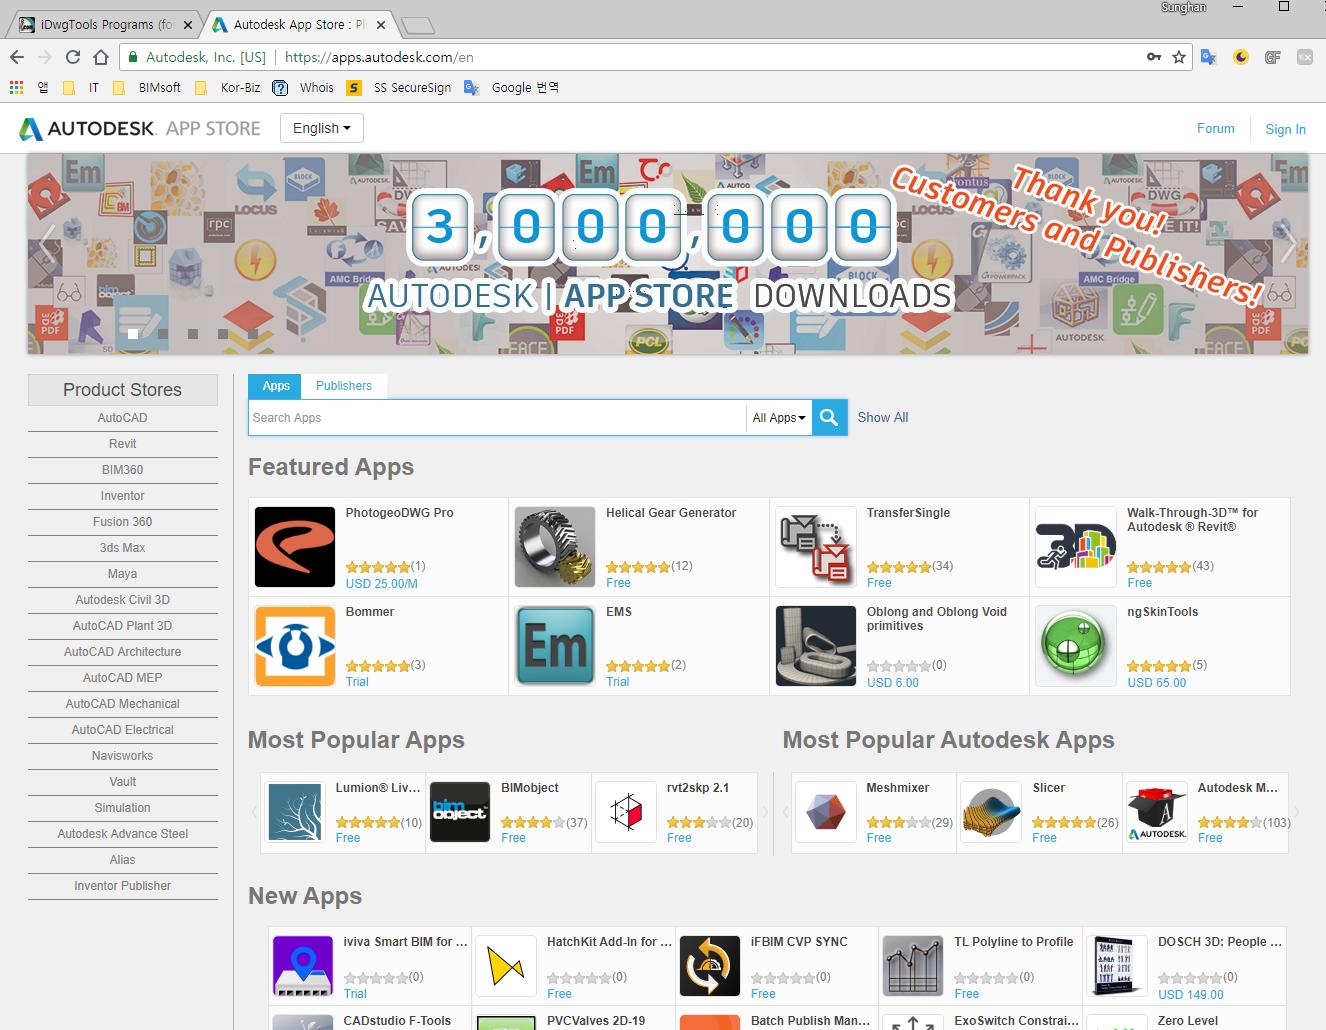 [첫번째] Autodesk App Store에 응용프로그..